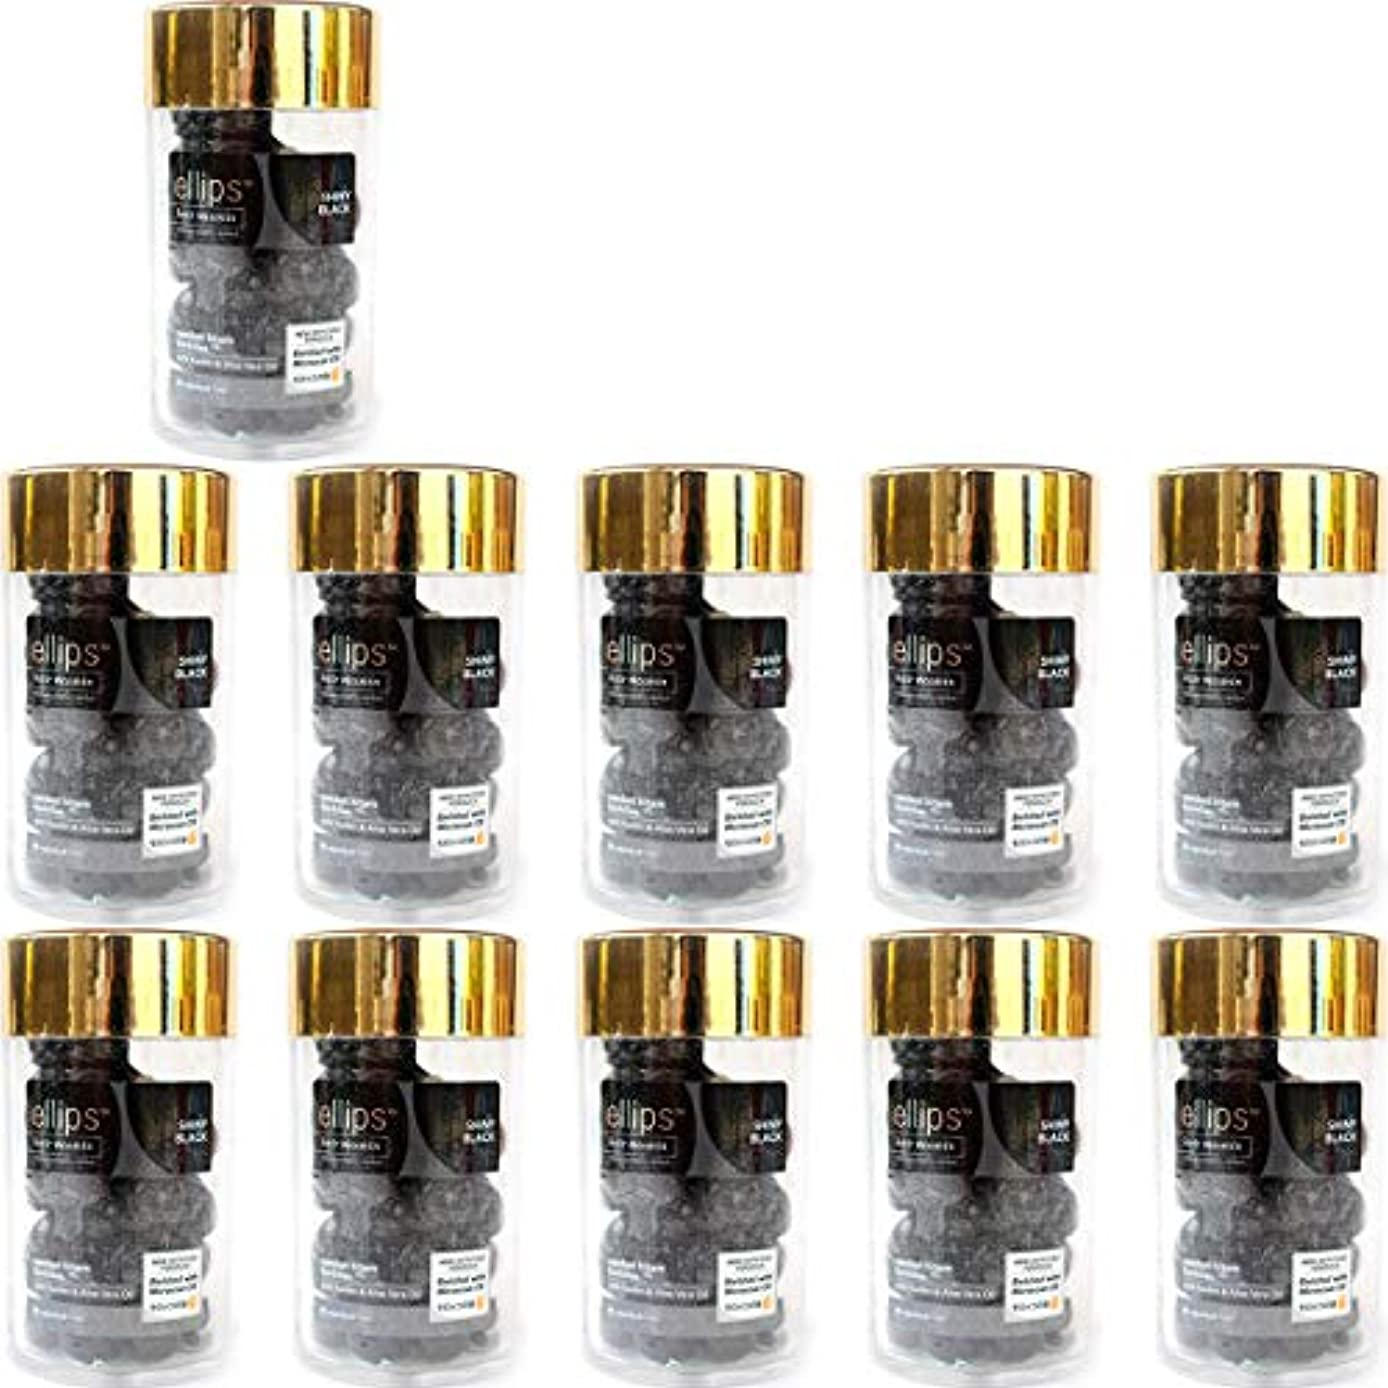 成長する雨愚かellips エリプス ヘアビタミン ヘアオイル エリップス トリートメント ナチュラルシリーズ 50粒入ボトル ブラック 11個セット [海外直送品]